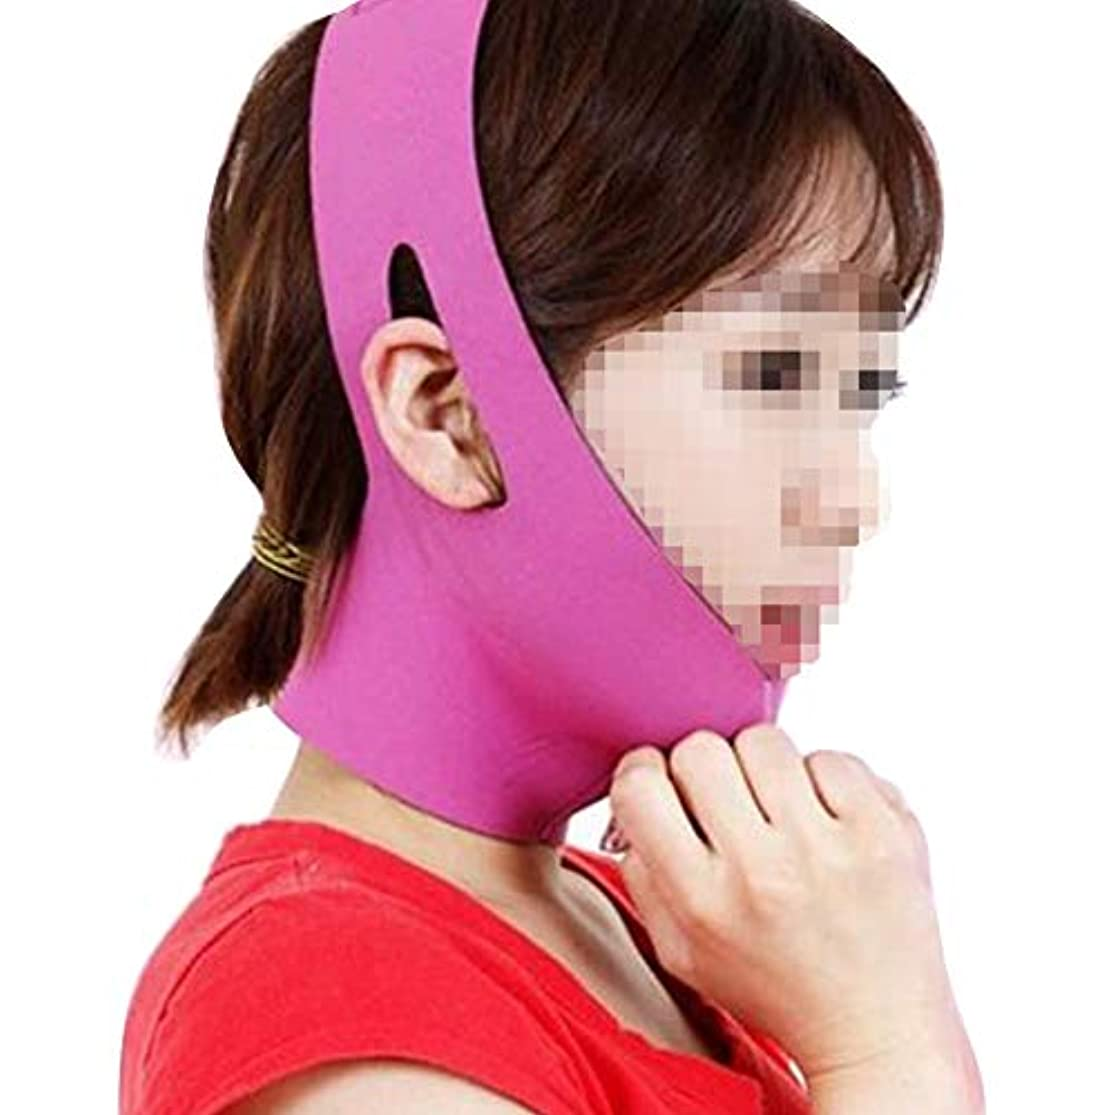 乱闘成長世紀PerPure フェイスリフティング 颜痩せグッズ 顔が小さくなる 美しい顔の輪郭を形作る 再使用可能